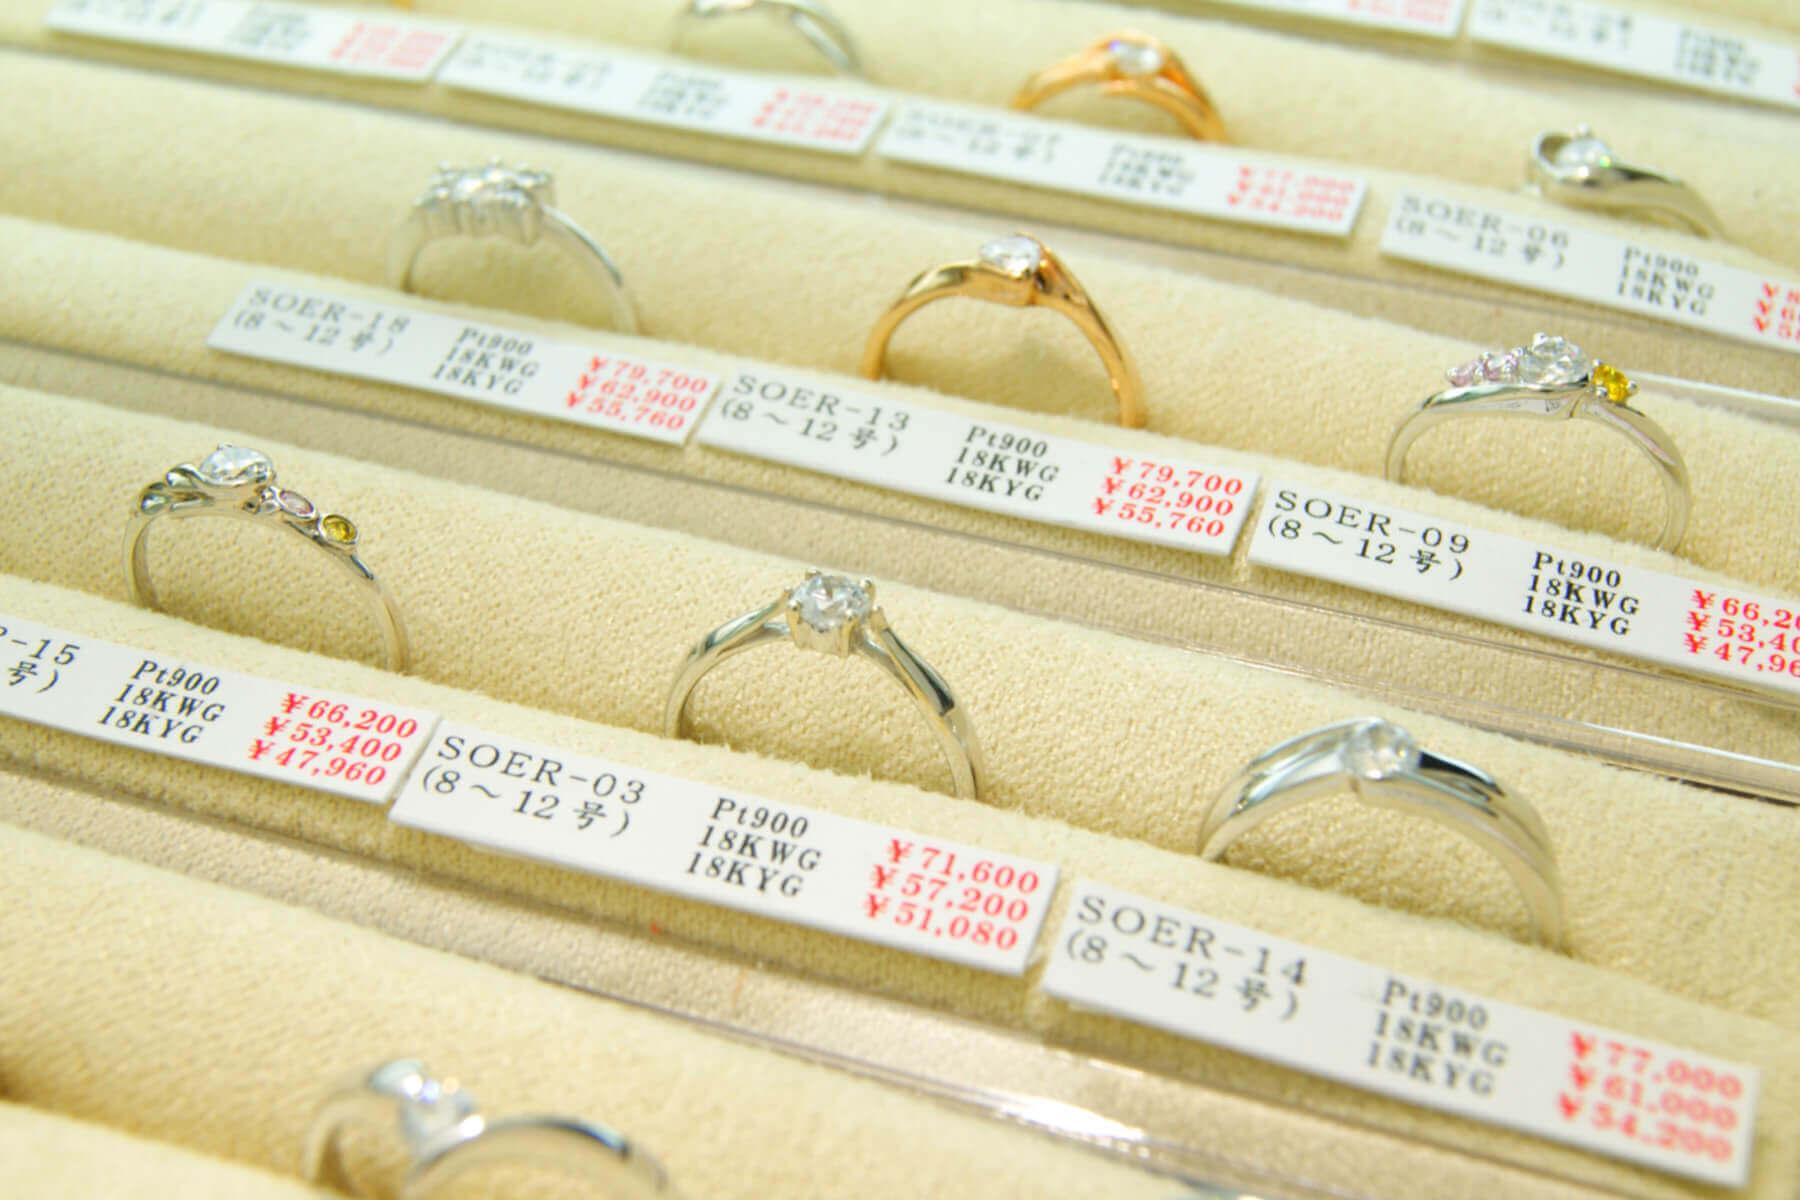 セミオーダーメイド | 指輪選び・アレンジ | かざりやゆい | 世界に一つだけの結婚指輪「kazariya Yui」 | 福島県郡山市